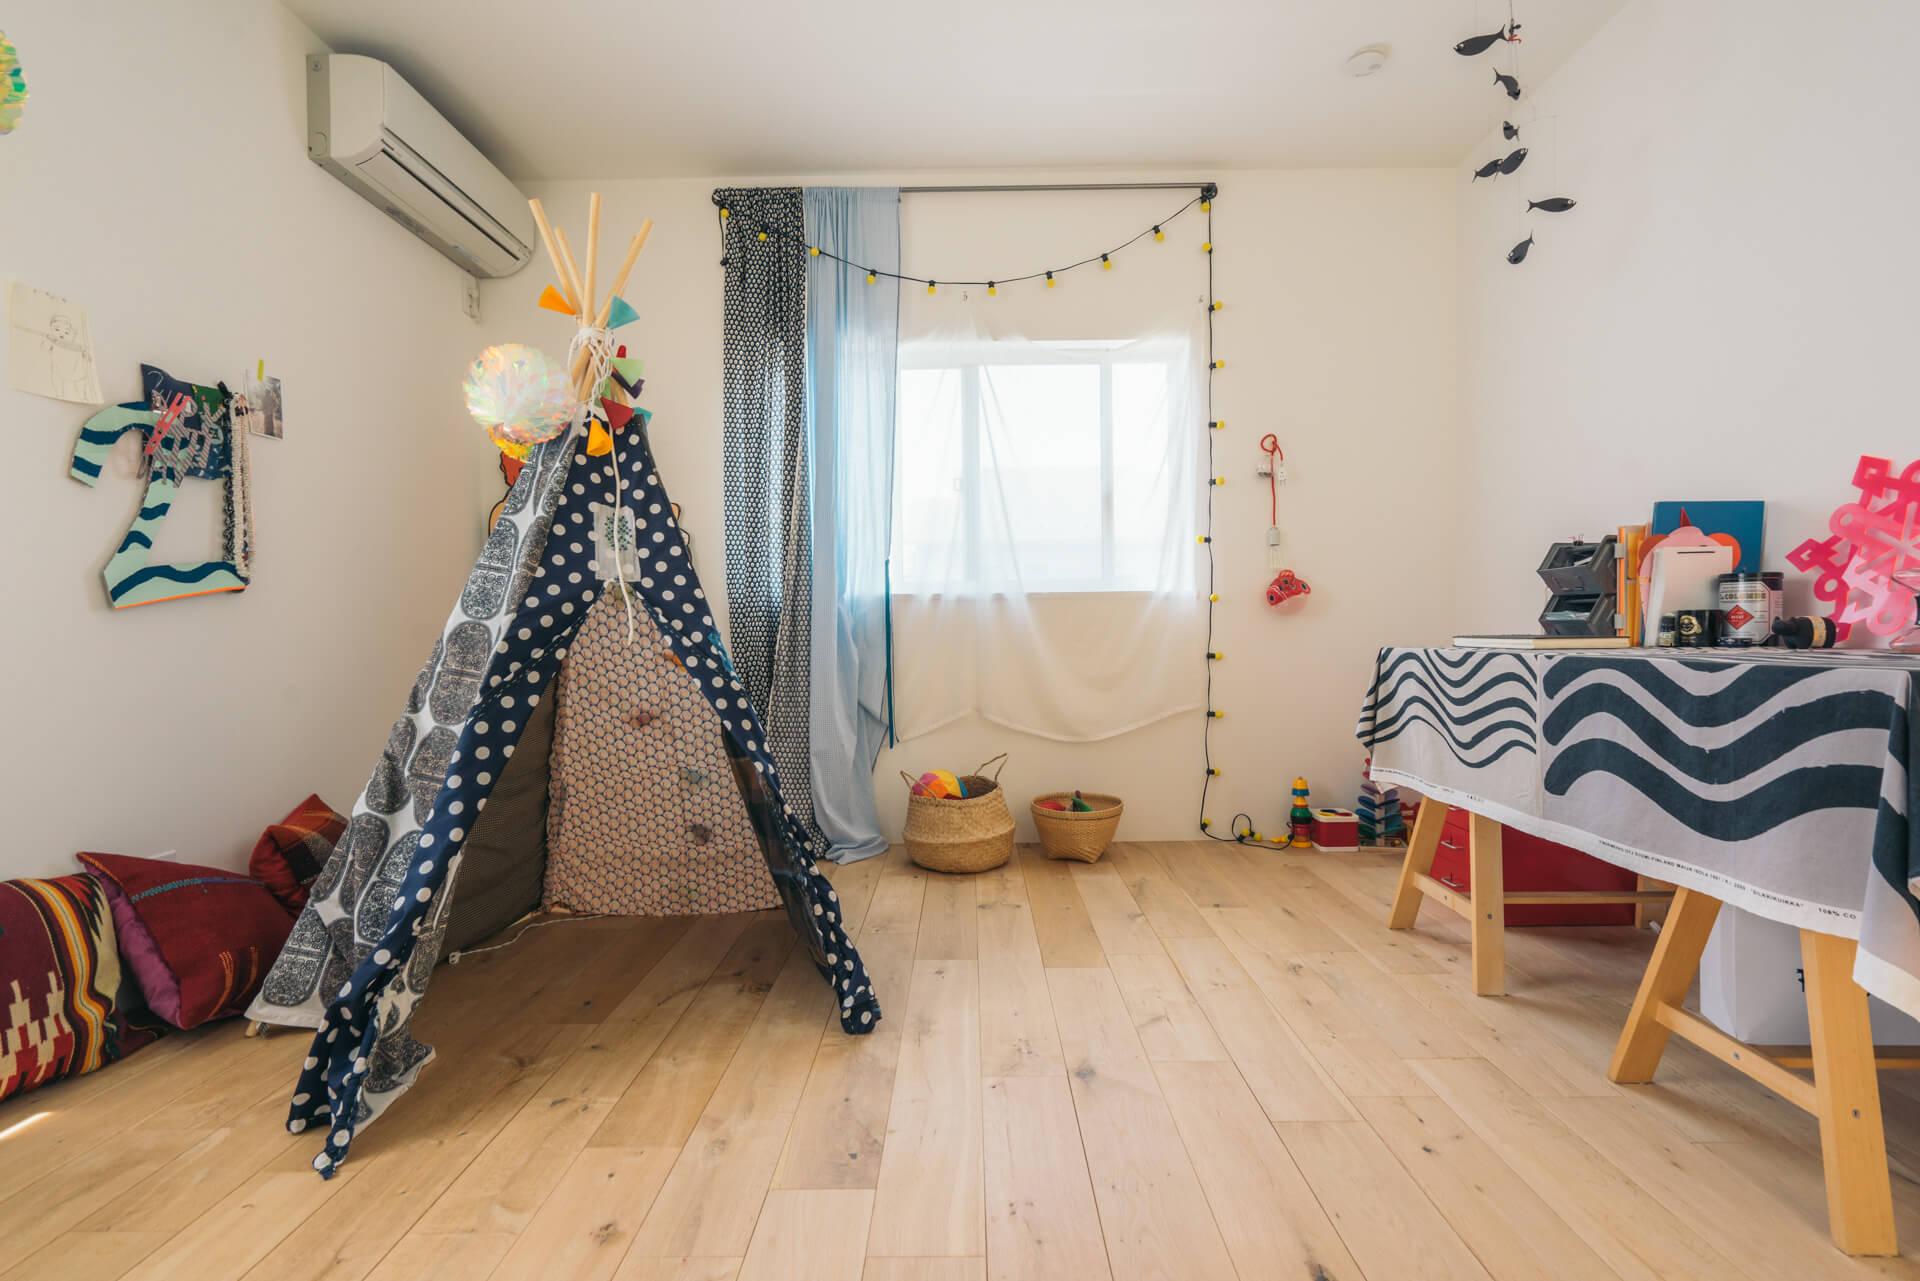 子ども部屋には可愛らしいテントが!